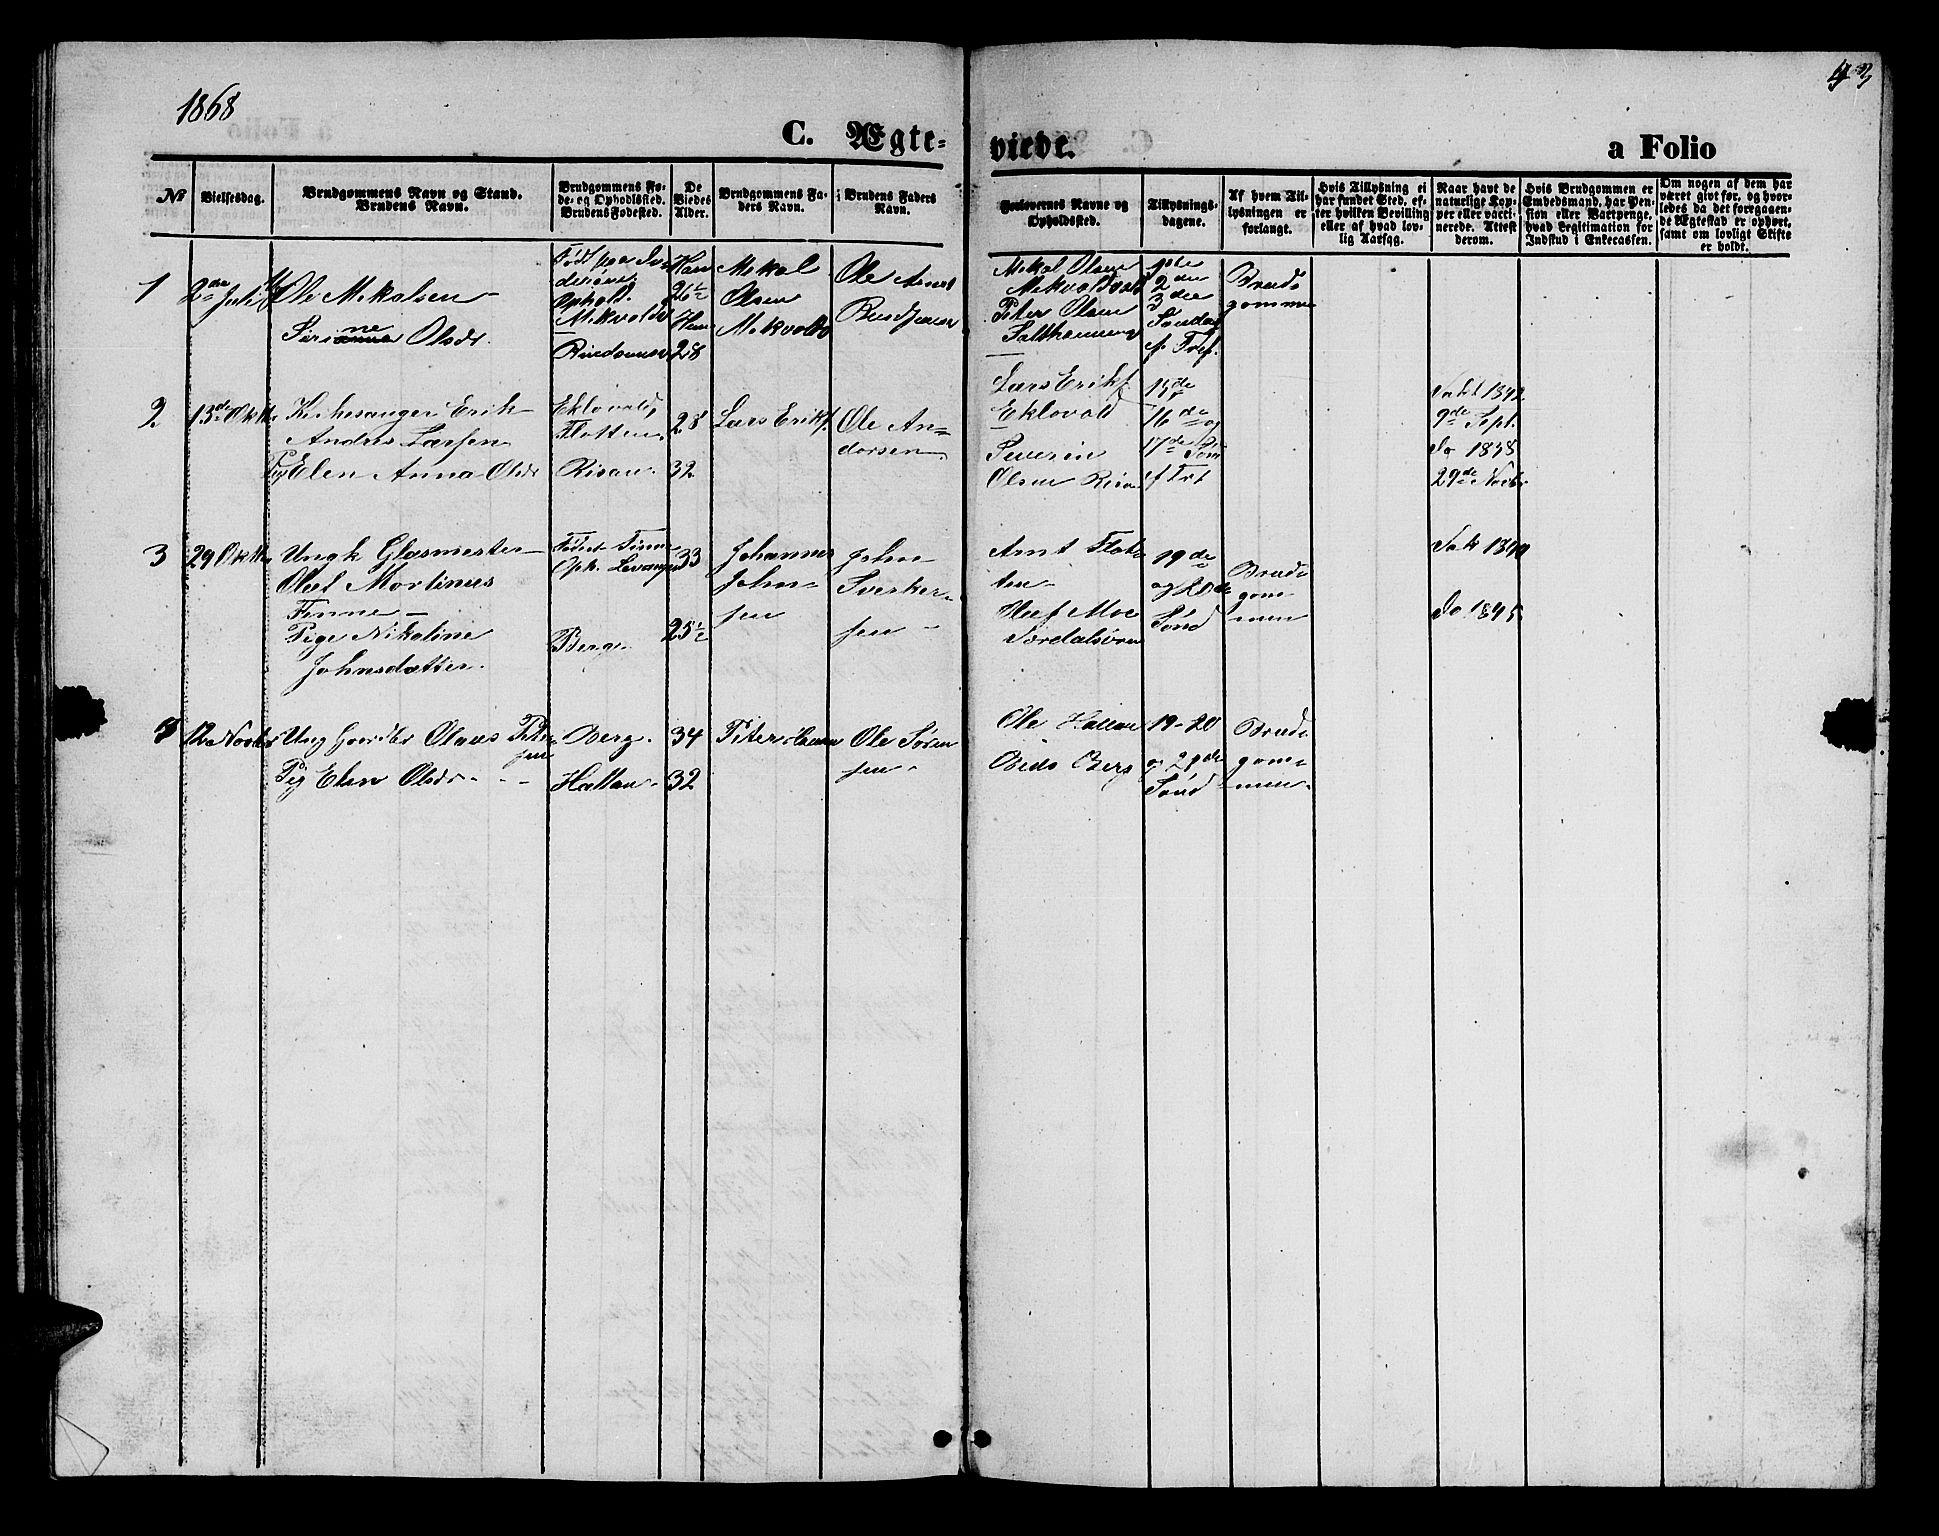 SAT, Ministerialprotokoller, klokkerbøker og fødselsregistre - Nord-Trøndelag, 726/L0270: Klokkerbok nr. 726C01, 1858-1868, s. 43